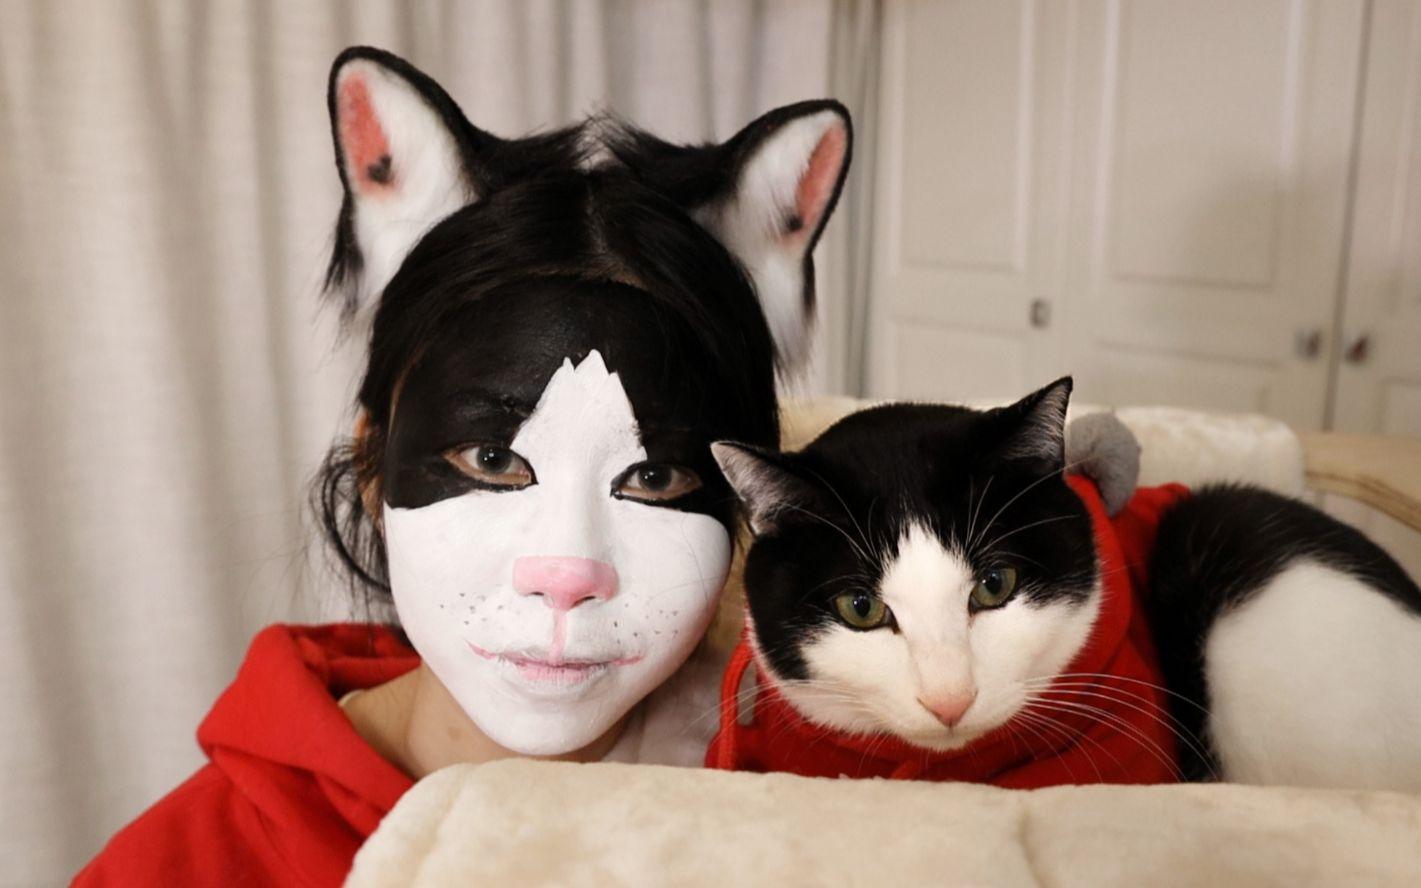 主人化猫仿妆,本猫一看惊了,猫:我???【花花与三猫】